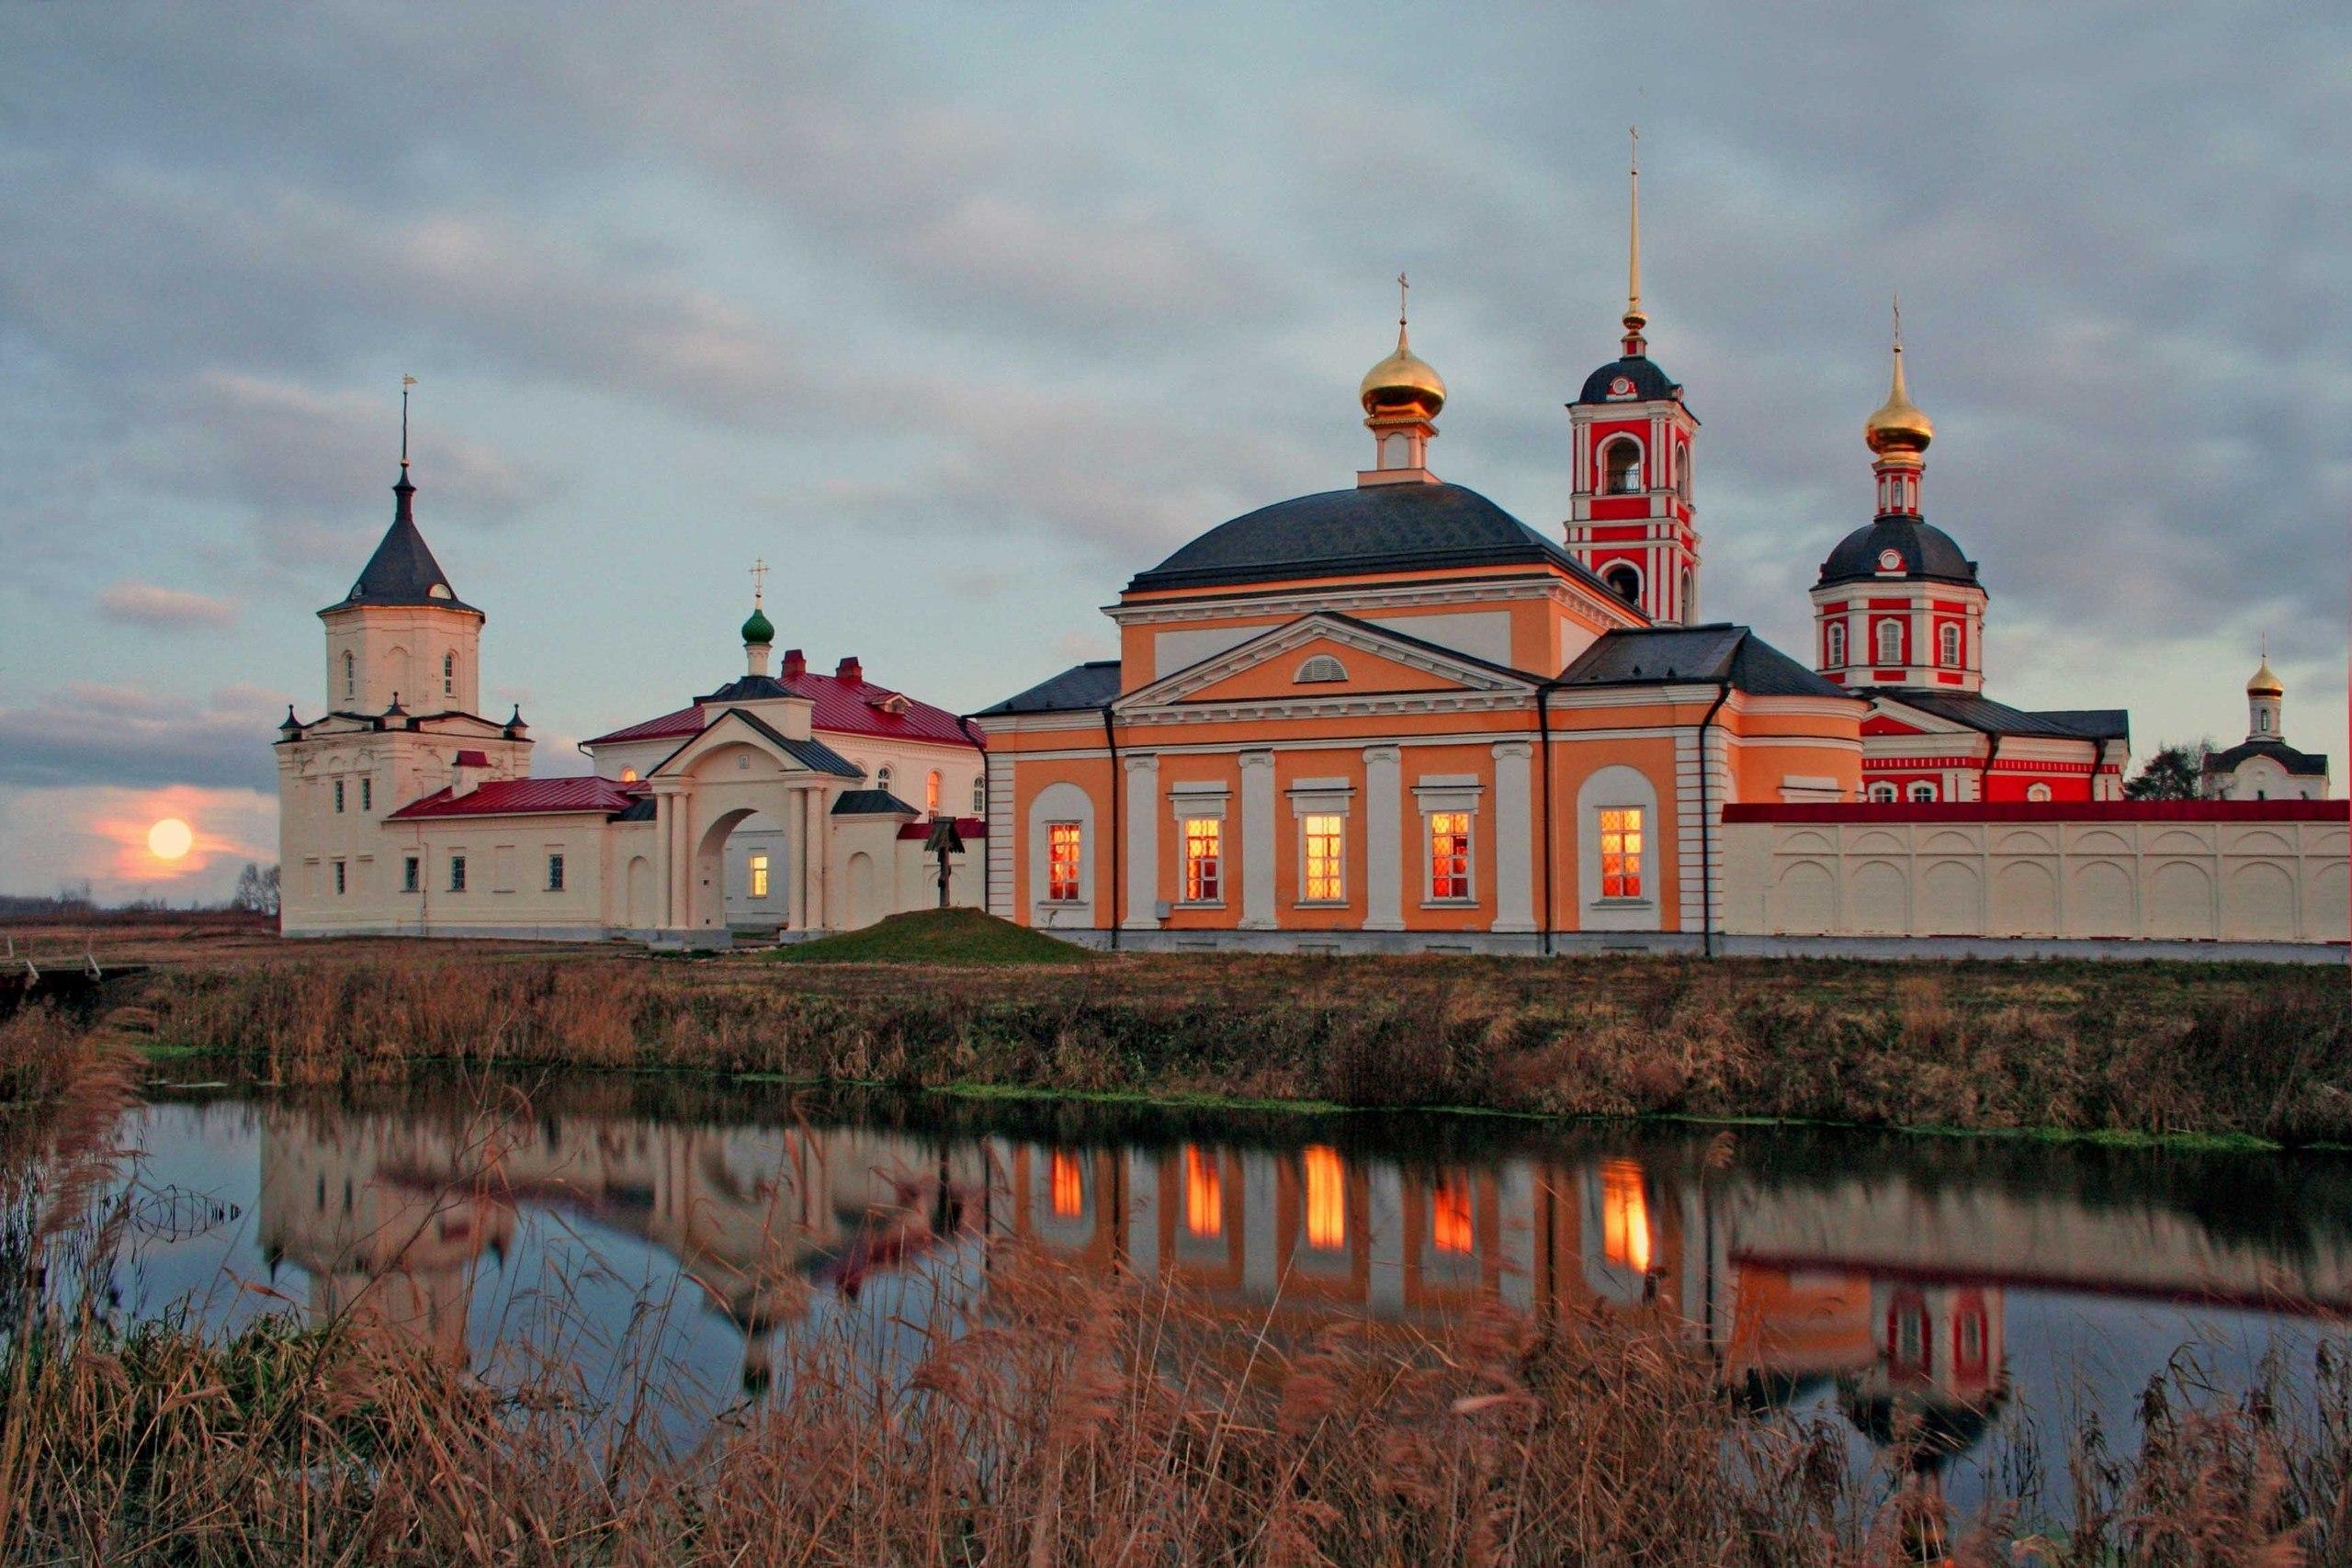 Троице-Сергиев Варницкий монастырь - история, памятники, как добраться